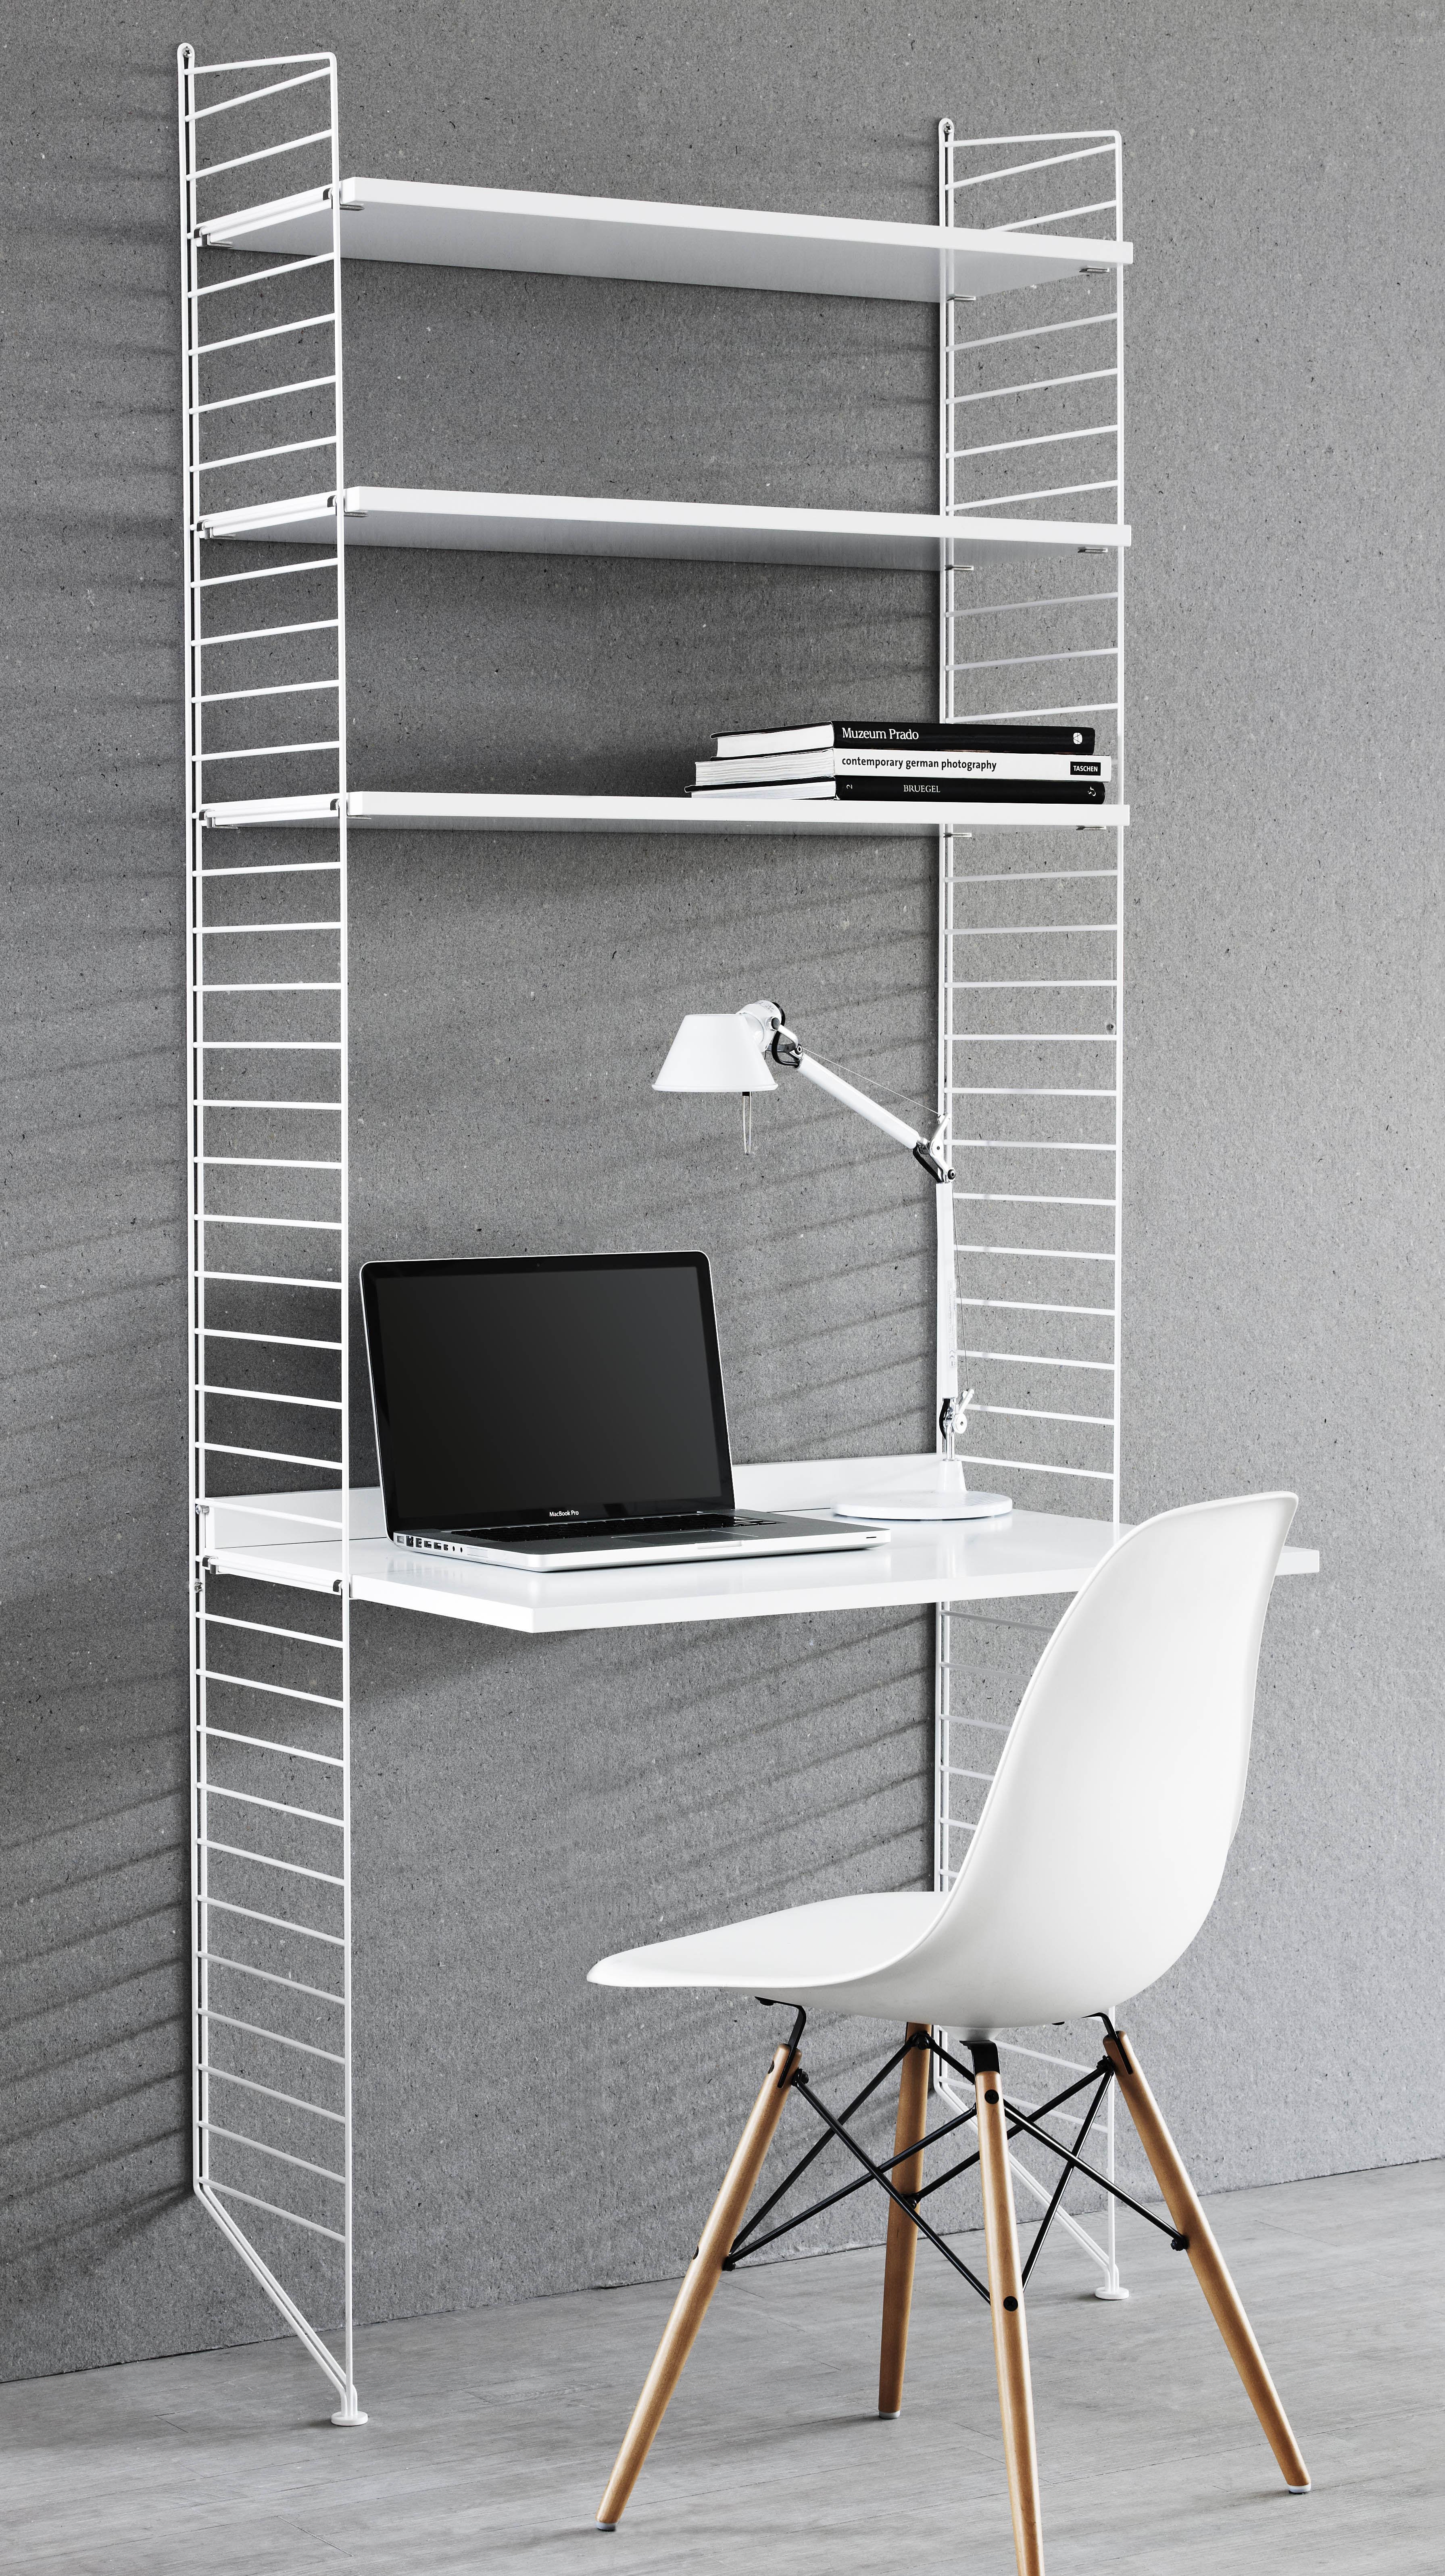 String Schreibtisch - / L 78 cm x H 200 cm Weiß by String Furniture ...